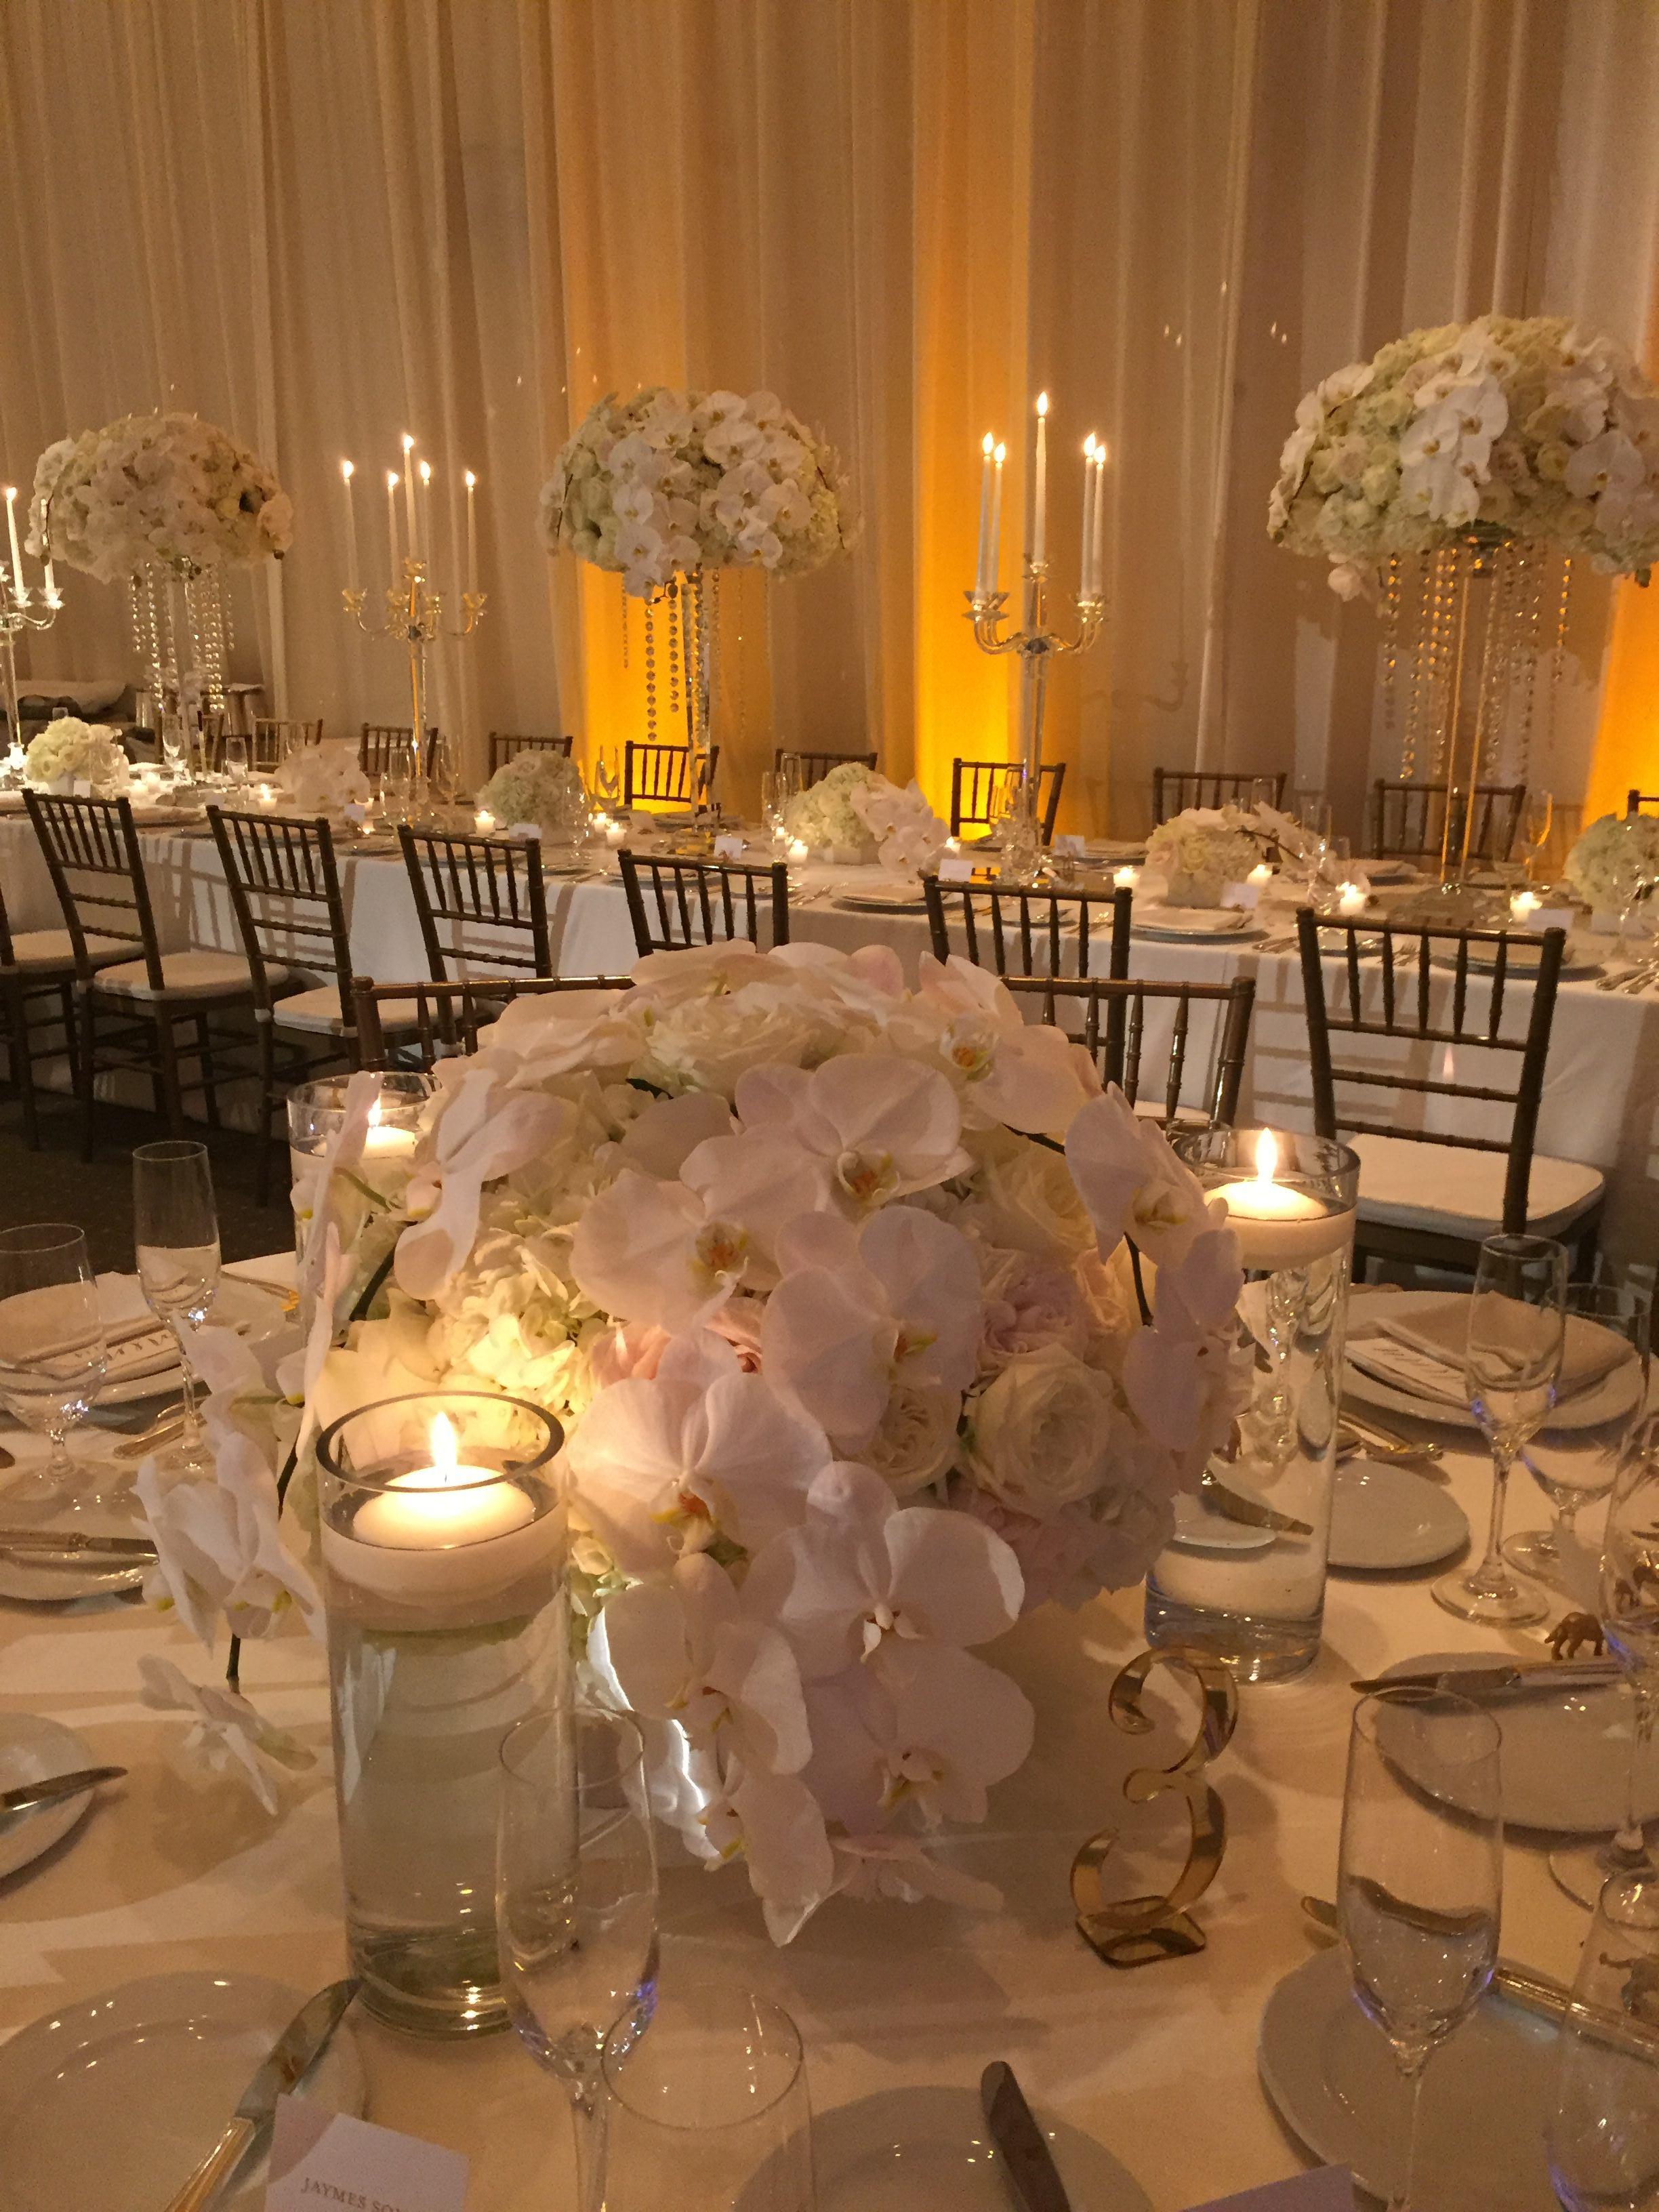 Curate-Weddings-Aftin-Dan-Florals.JPG